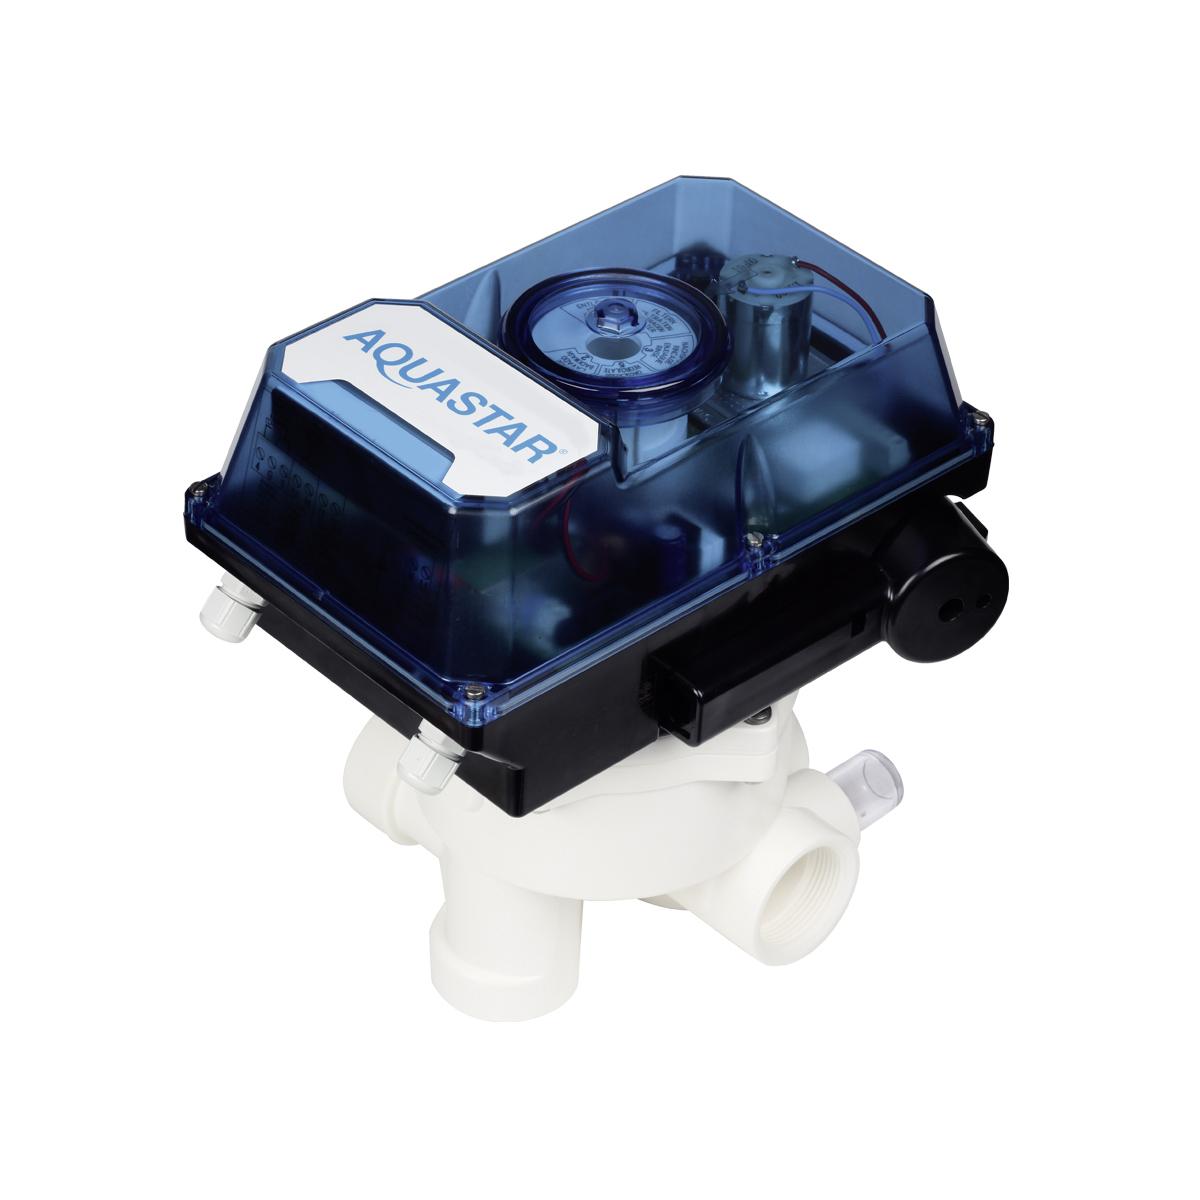 """AquaStar Comfort 3001-230 für V6 ND 1 1/2""""  100-240 VAC, inkl 11/2"""" Praher V6 Ventil mit Astral/IML/Certikin/Espa Ventilset, Abstand 125mm, weiß AquaStar Comfort 3001-230 für V6 ND 1 1/2""""  100-240 VAC, inkl 11/2"""" Praher V6 Ventil mit Astral/IML/Certikin/Espa Ventilset, Abstand 125mm, weiß"""